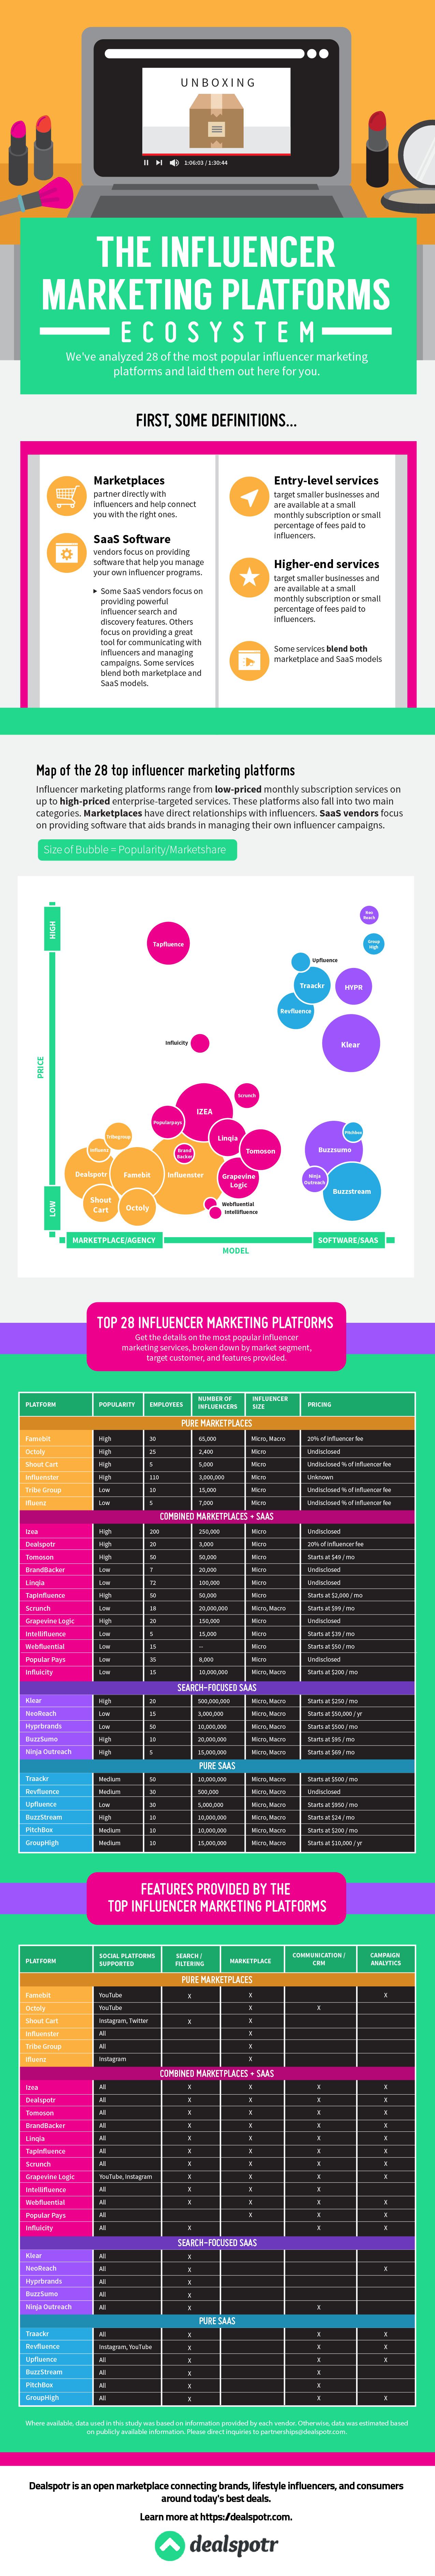 28 Leading Influencer Marketing Platforms, Explained